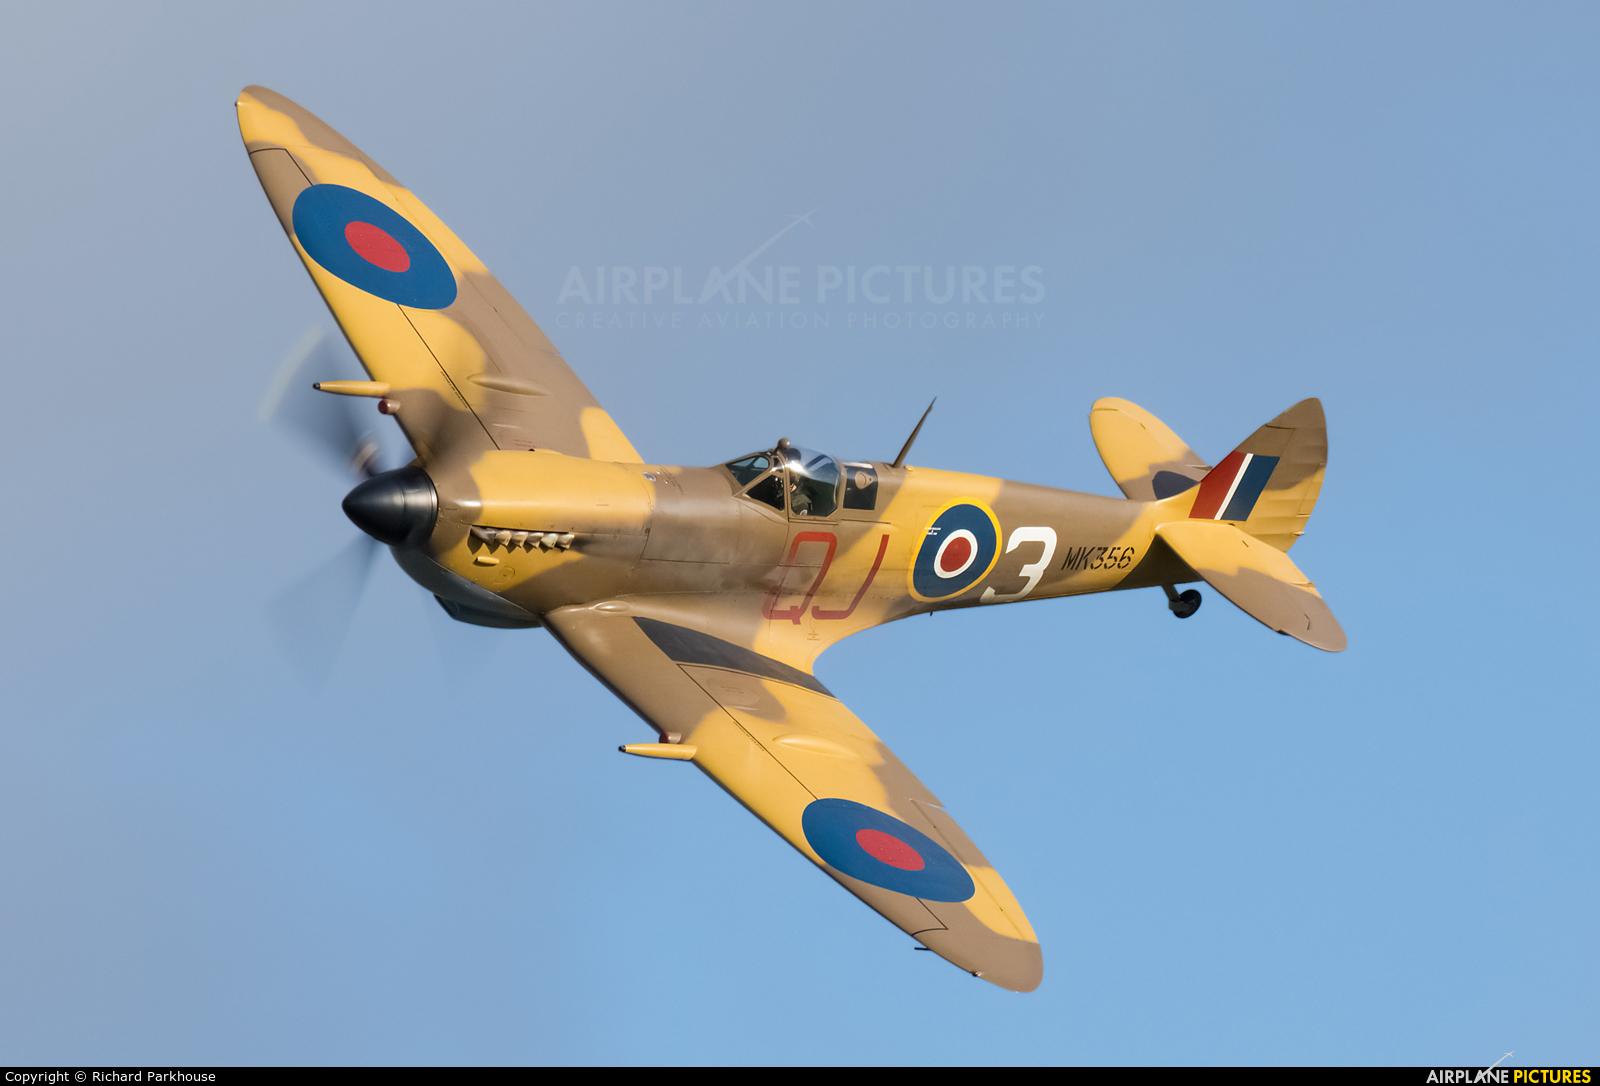 """Royal Air Force """"Battle of Britain Memorial Flight"""" MK356 aircraft at Old Warden"""